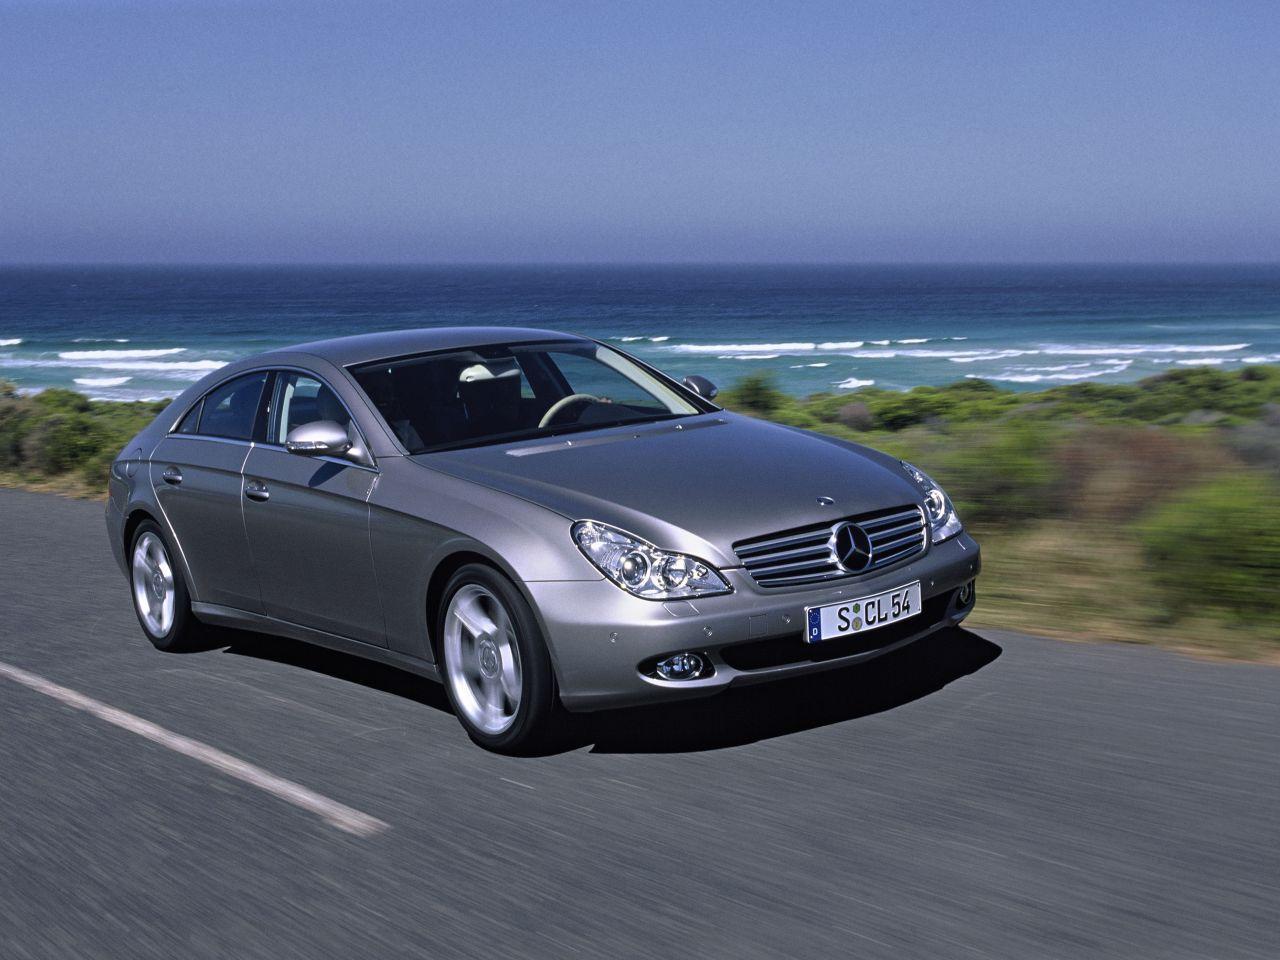 Mercedes_CLS-Klasse.jpg